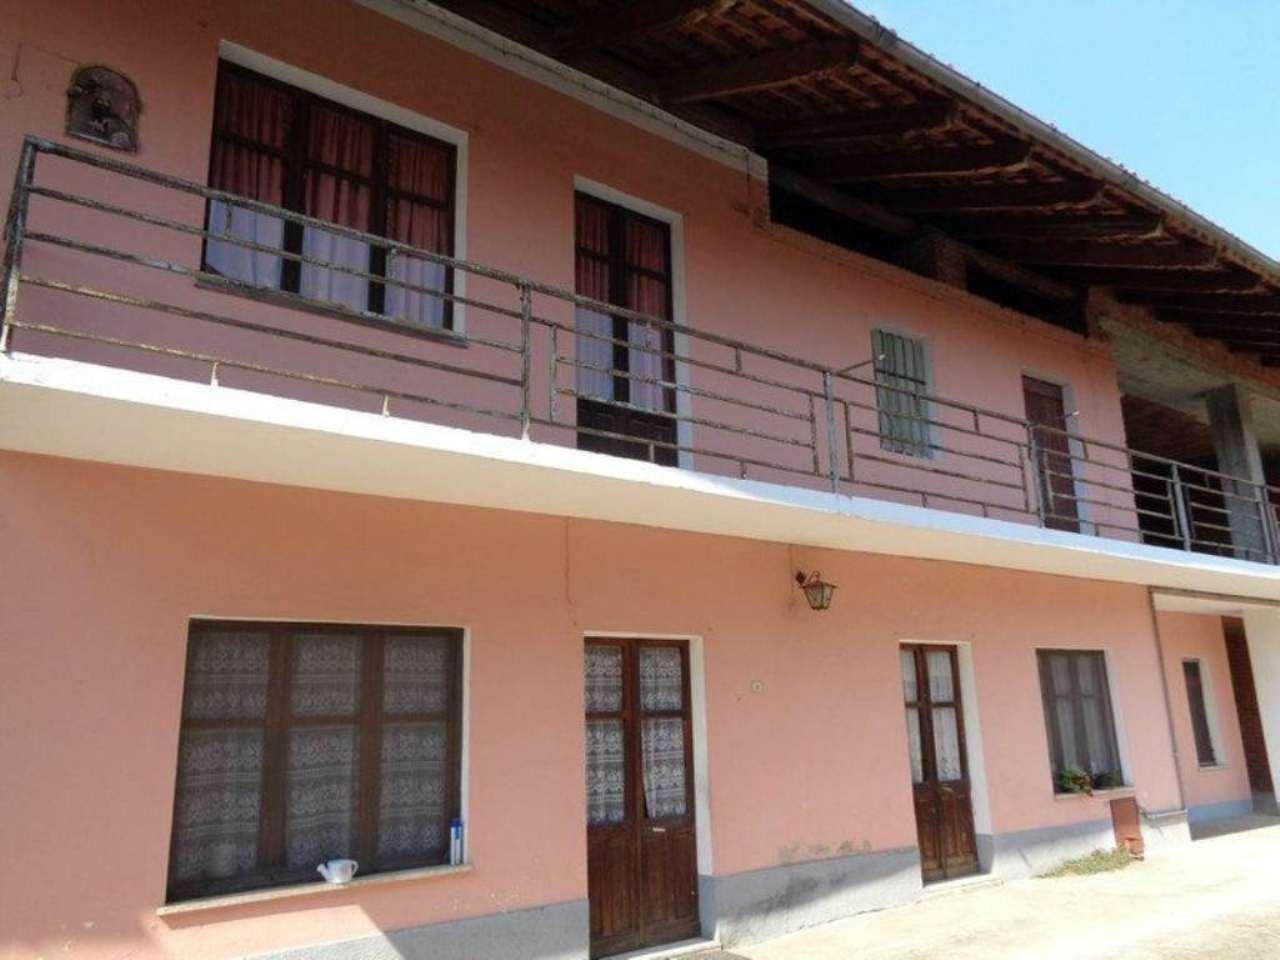 Soluzione Indipendente in vendita a Chivasso, 5 locali, prezzo € 145.000   Cambio Casa.it